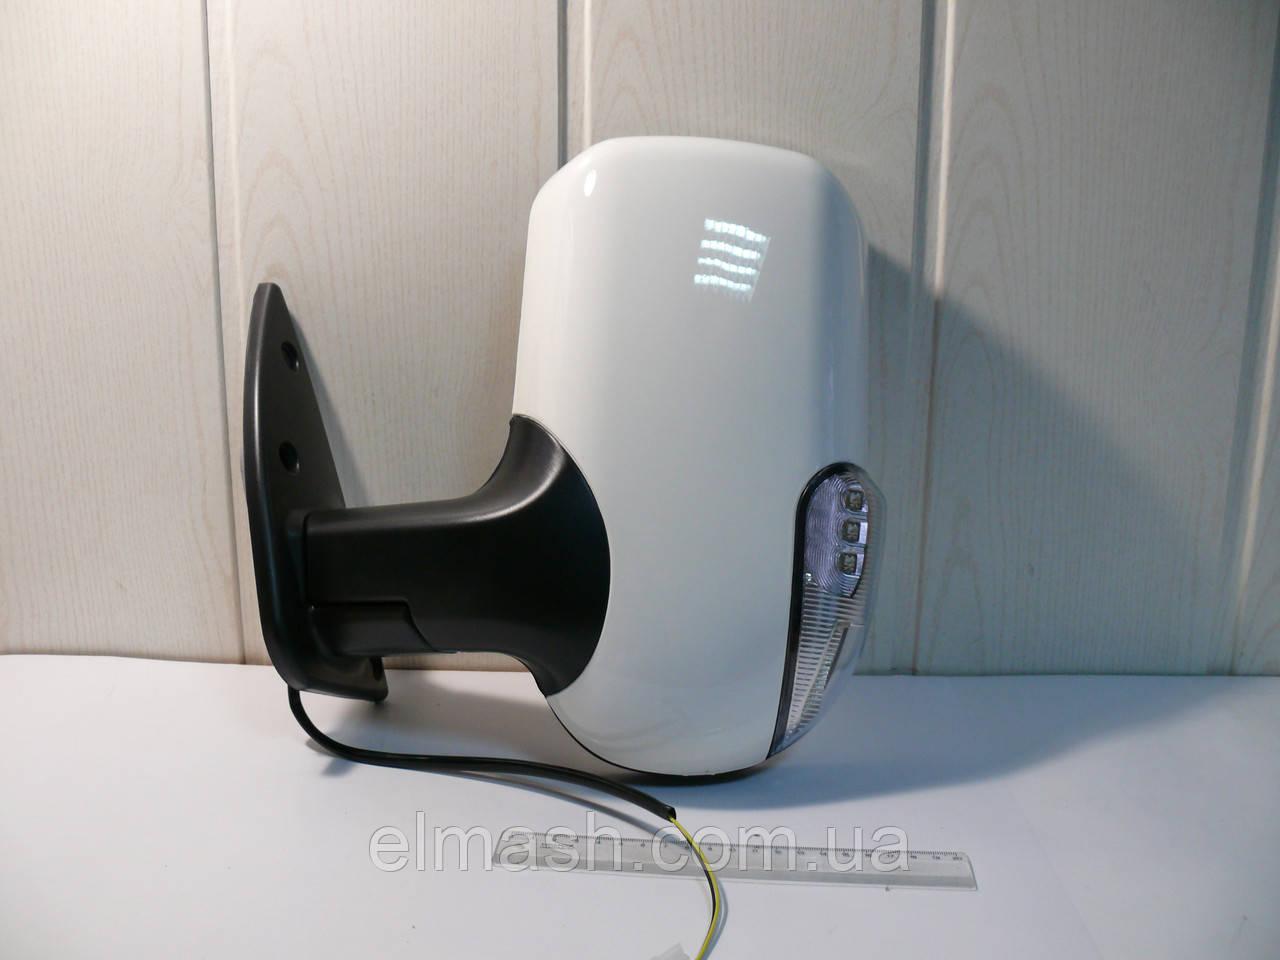 Зеркало боковое ГАЗ 3302 нового образца с поворотом левое белое